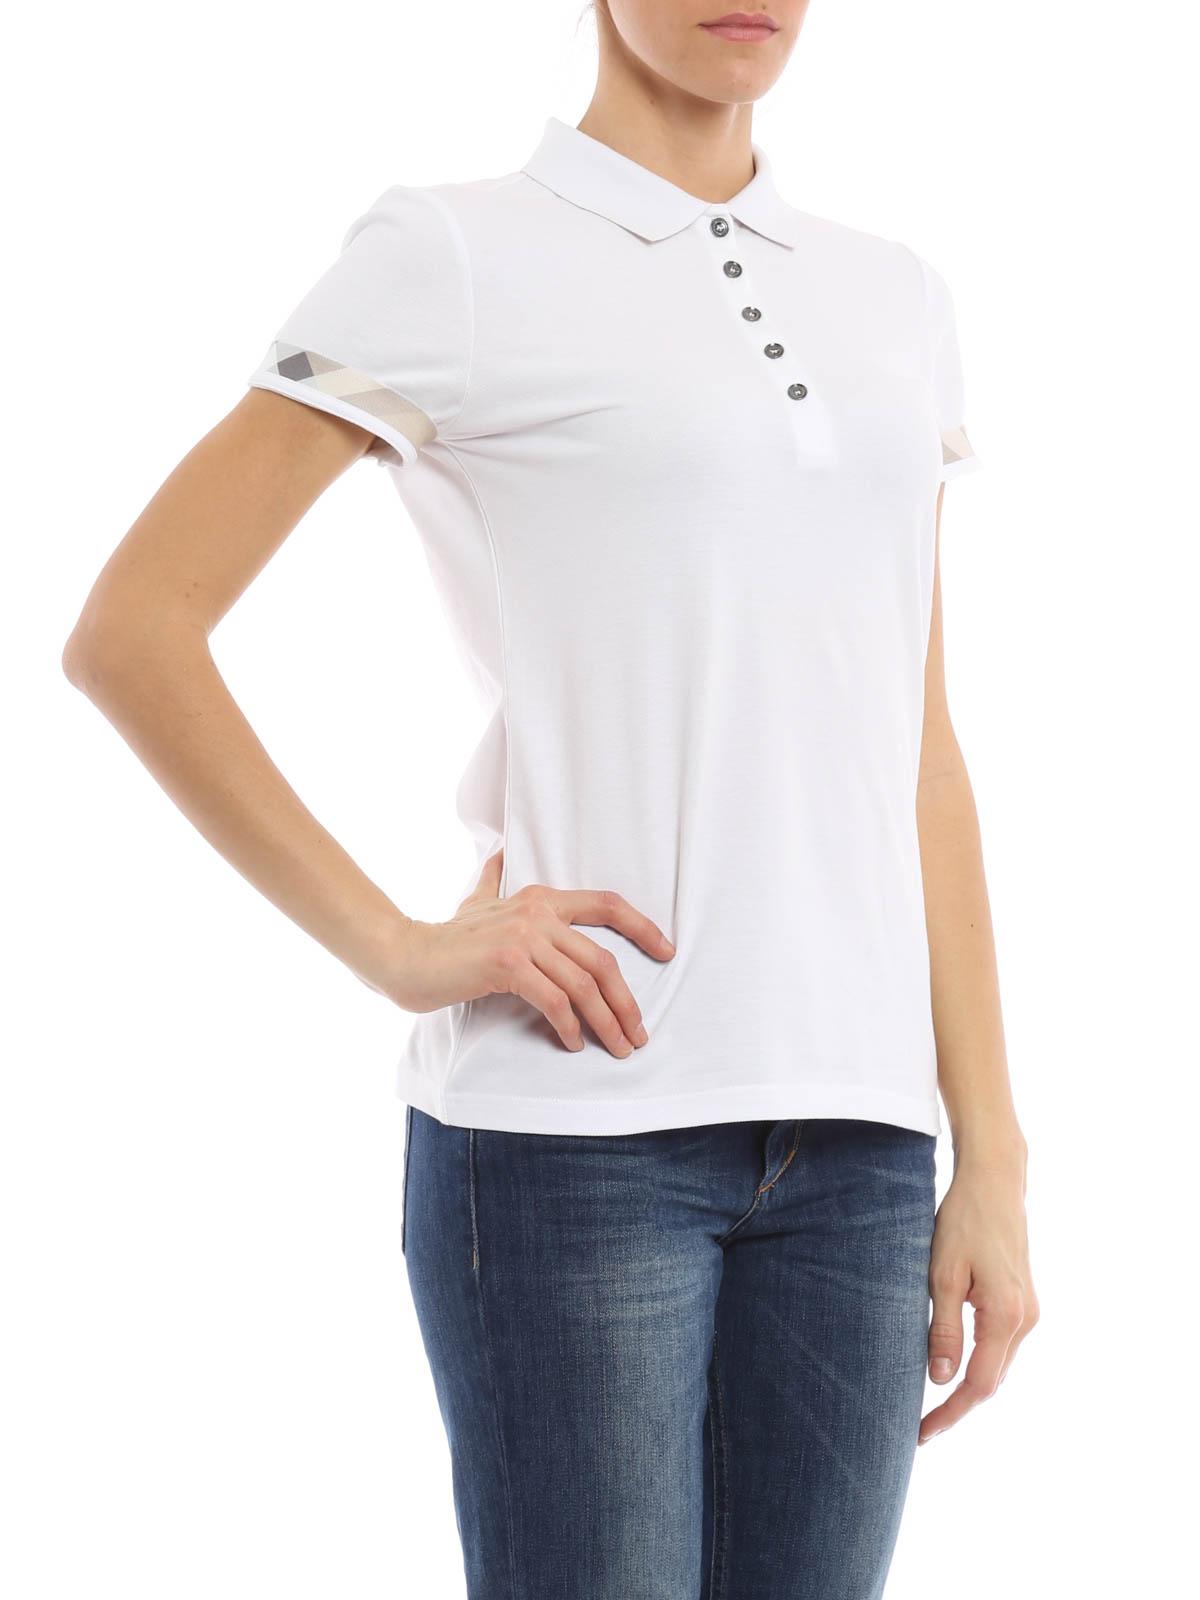 Burberry Brit - Polo Blanc Pour Femme - Polos - 4001660   iKRIX.com b25f6e03a800